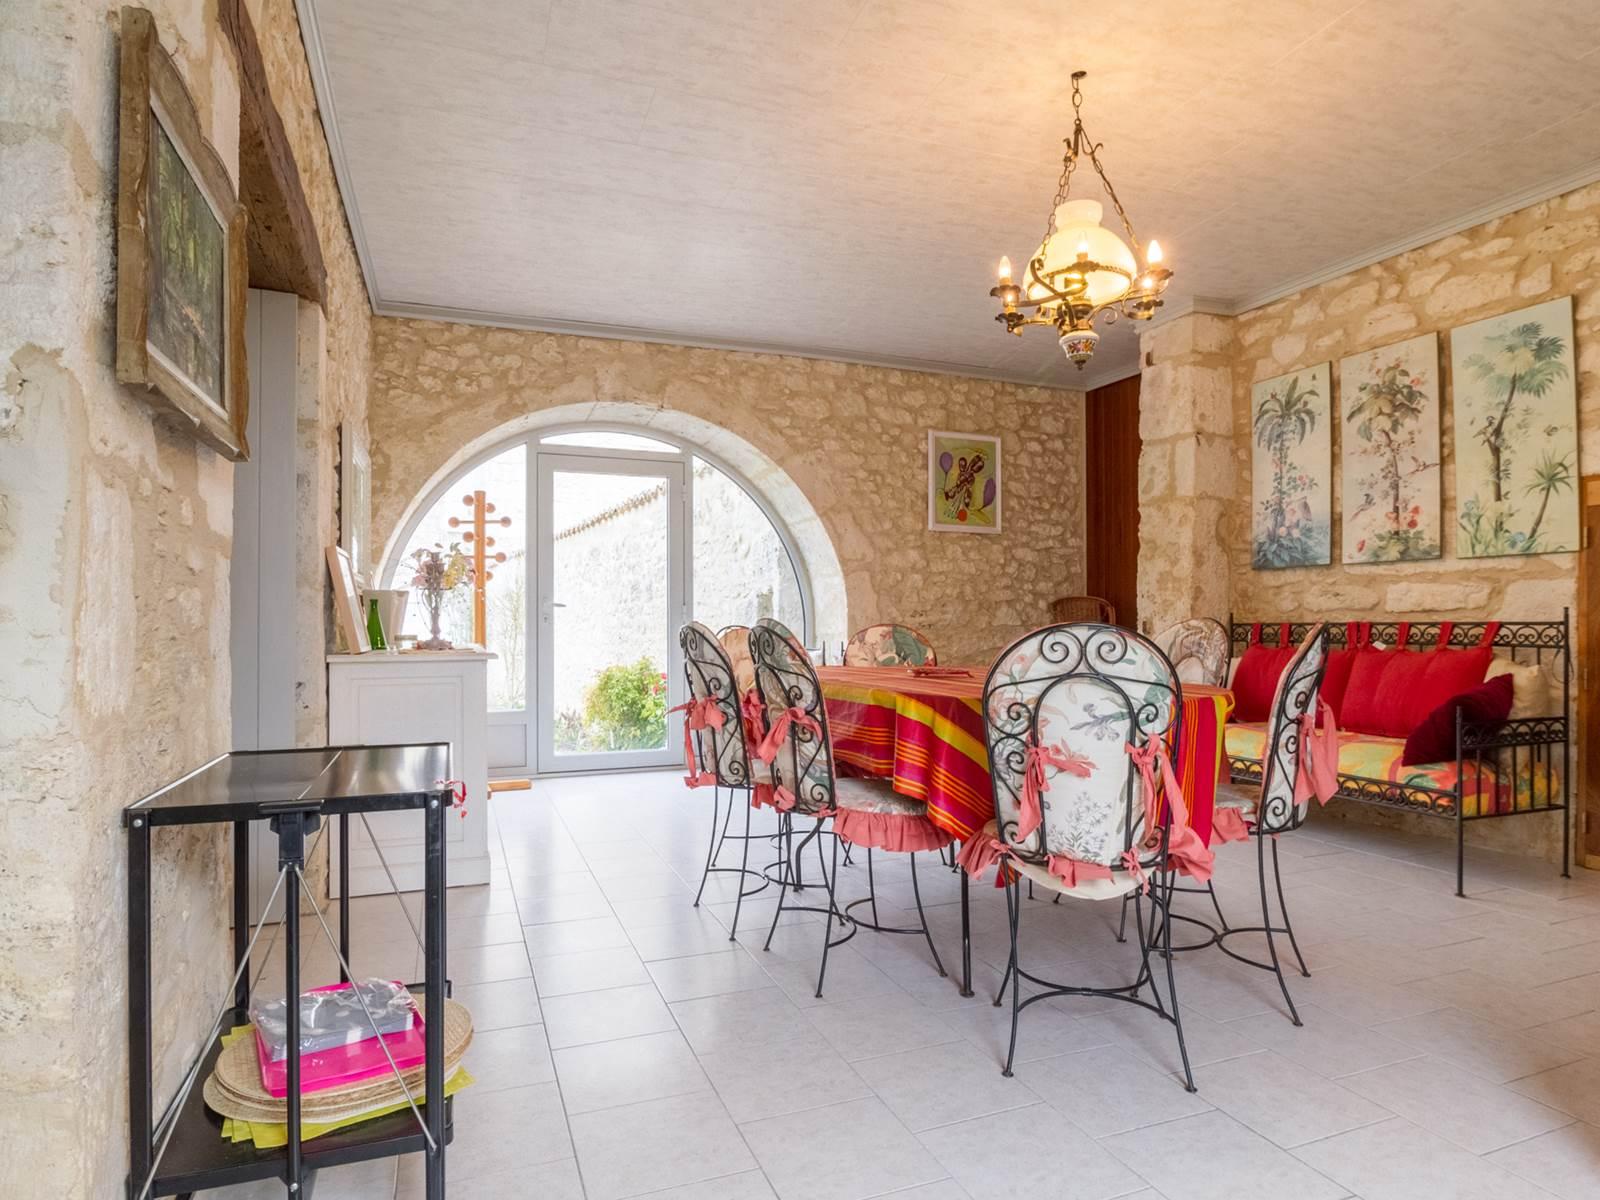 Saint Roch chambres d'hôtes séjour à partager par les hôtes.jpg